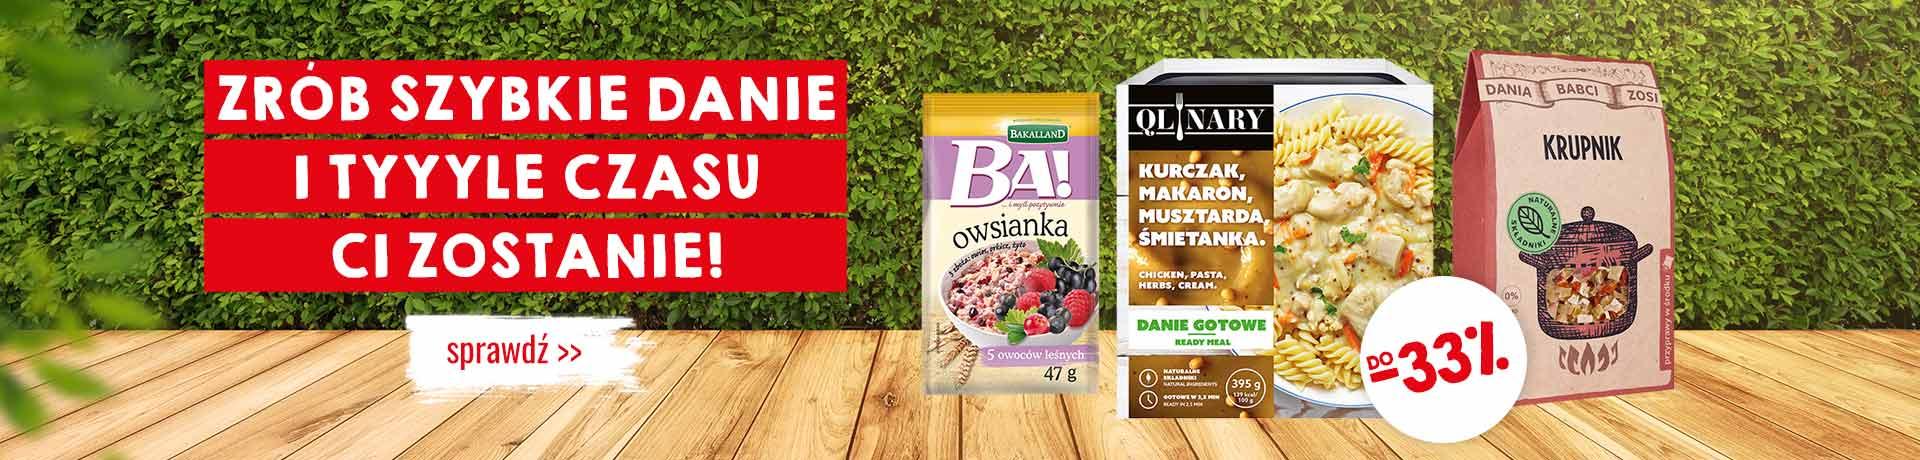 Bee.pl Bee.pl: do 33% zniżki na produkty spożywcze na szybkie dania